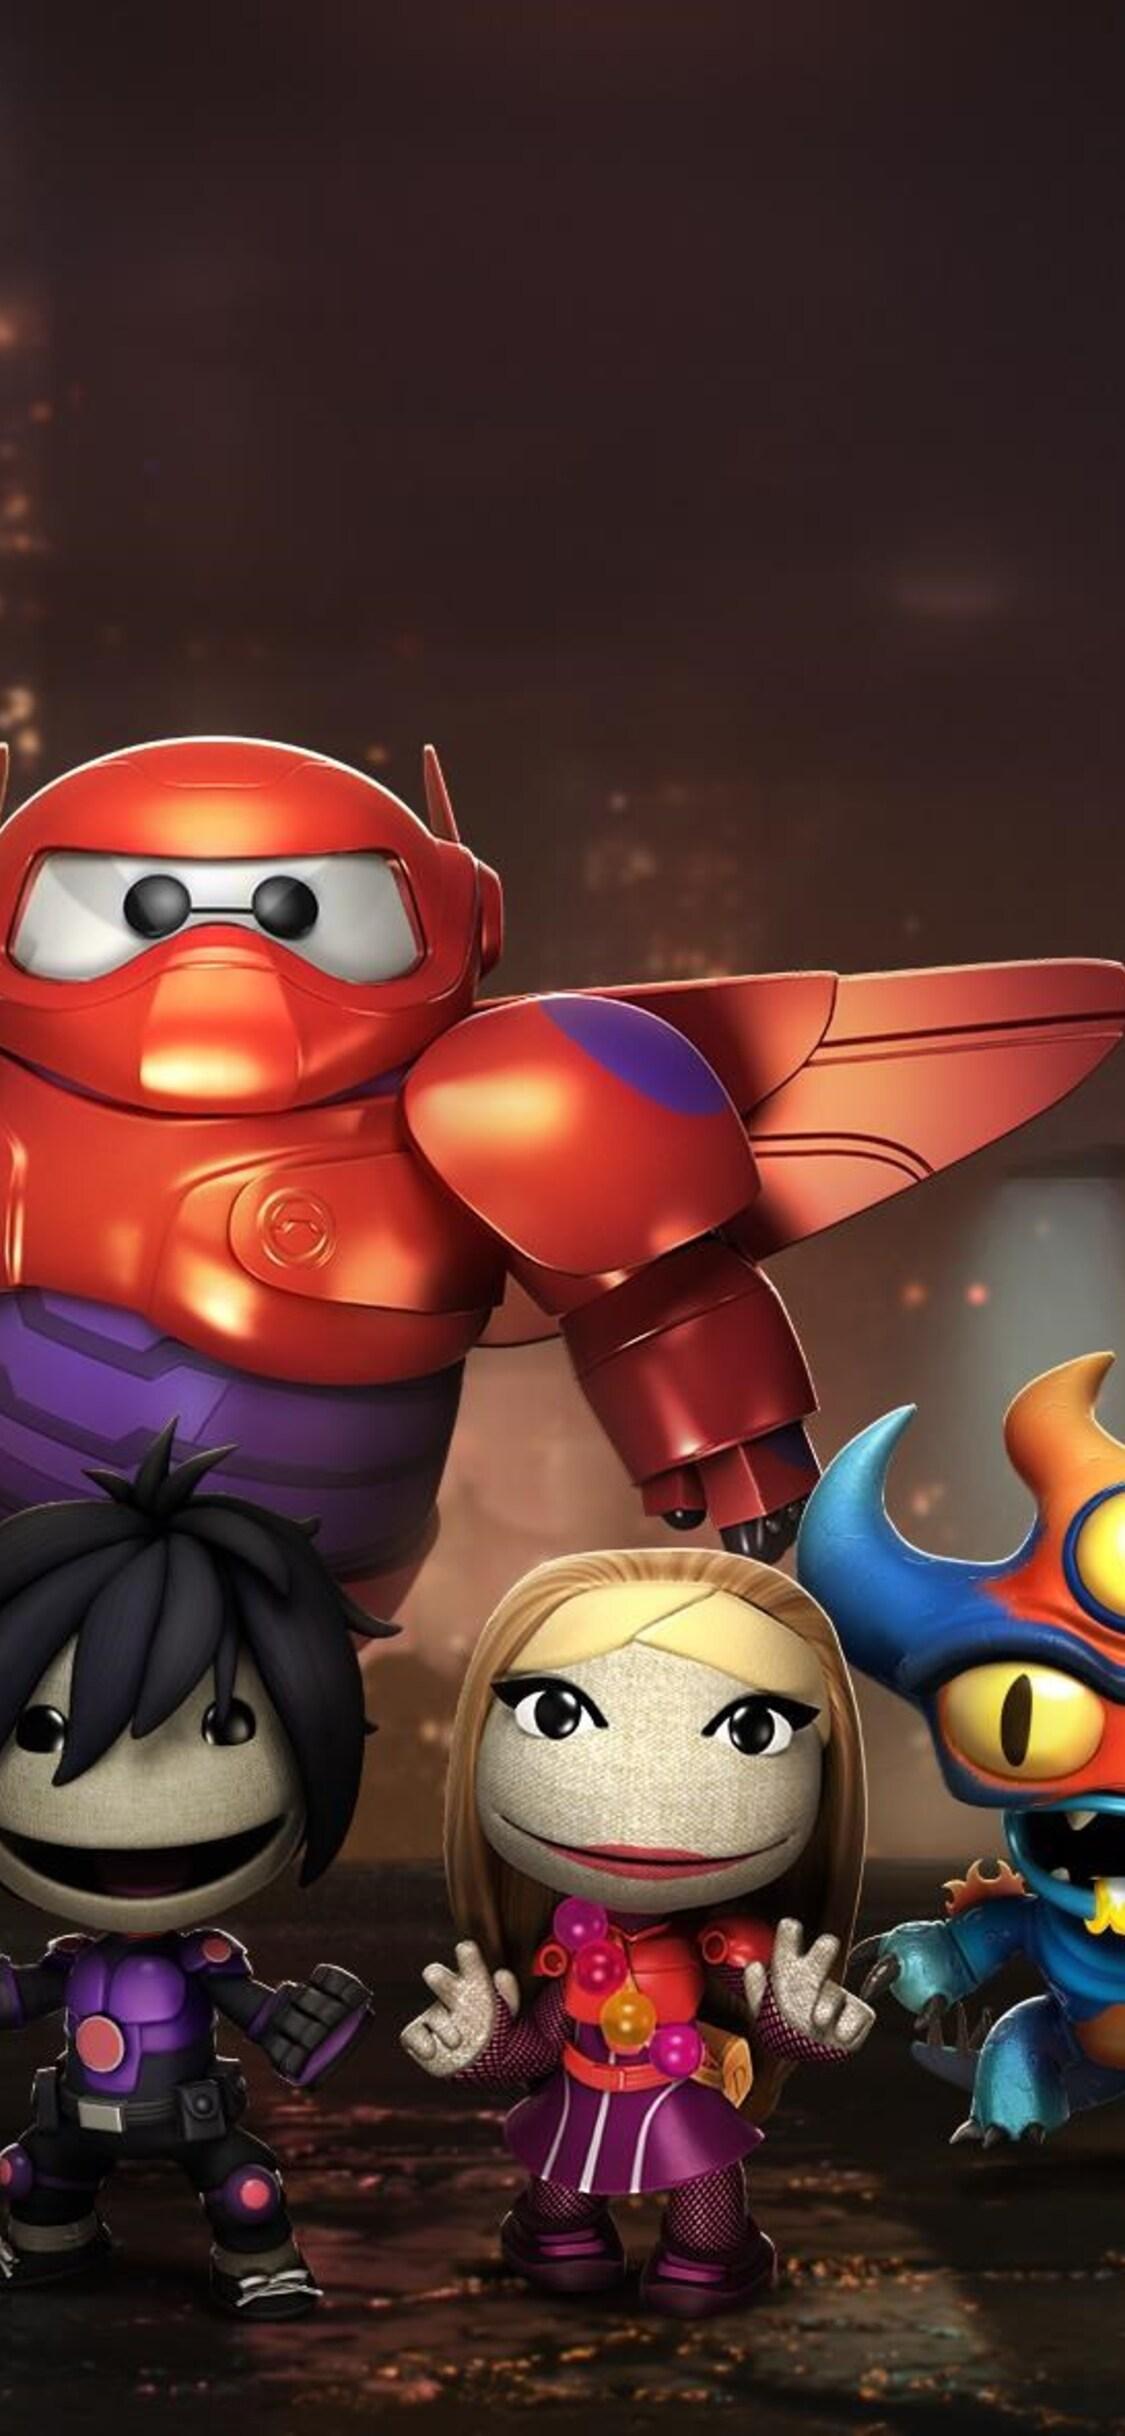 1125x2436 Big Hero 6 Game Iphone Xs Iphone 10 Iphone X Hd 4k